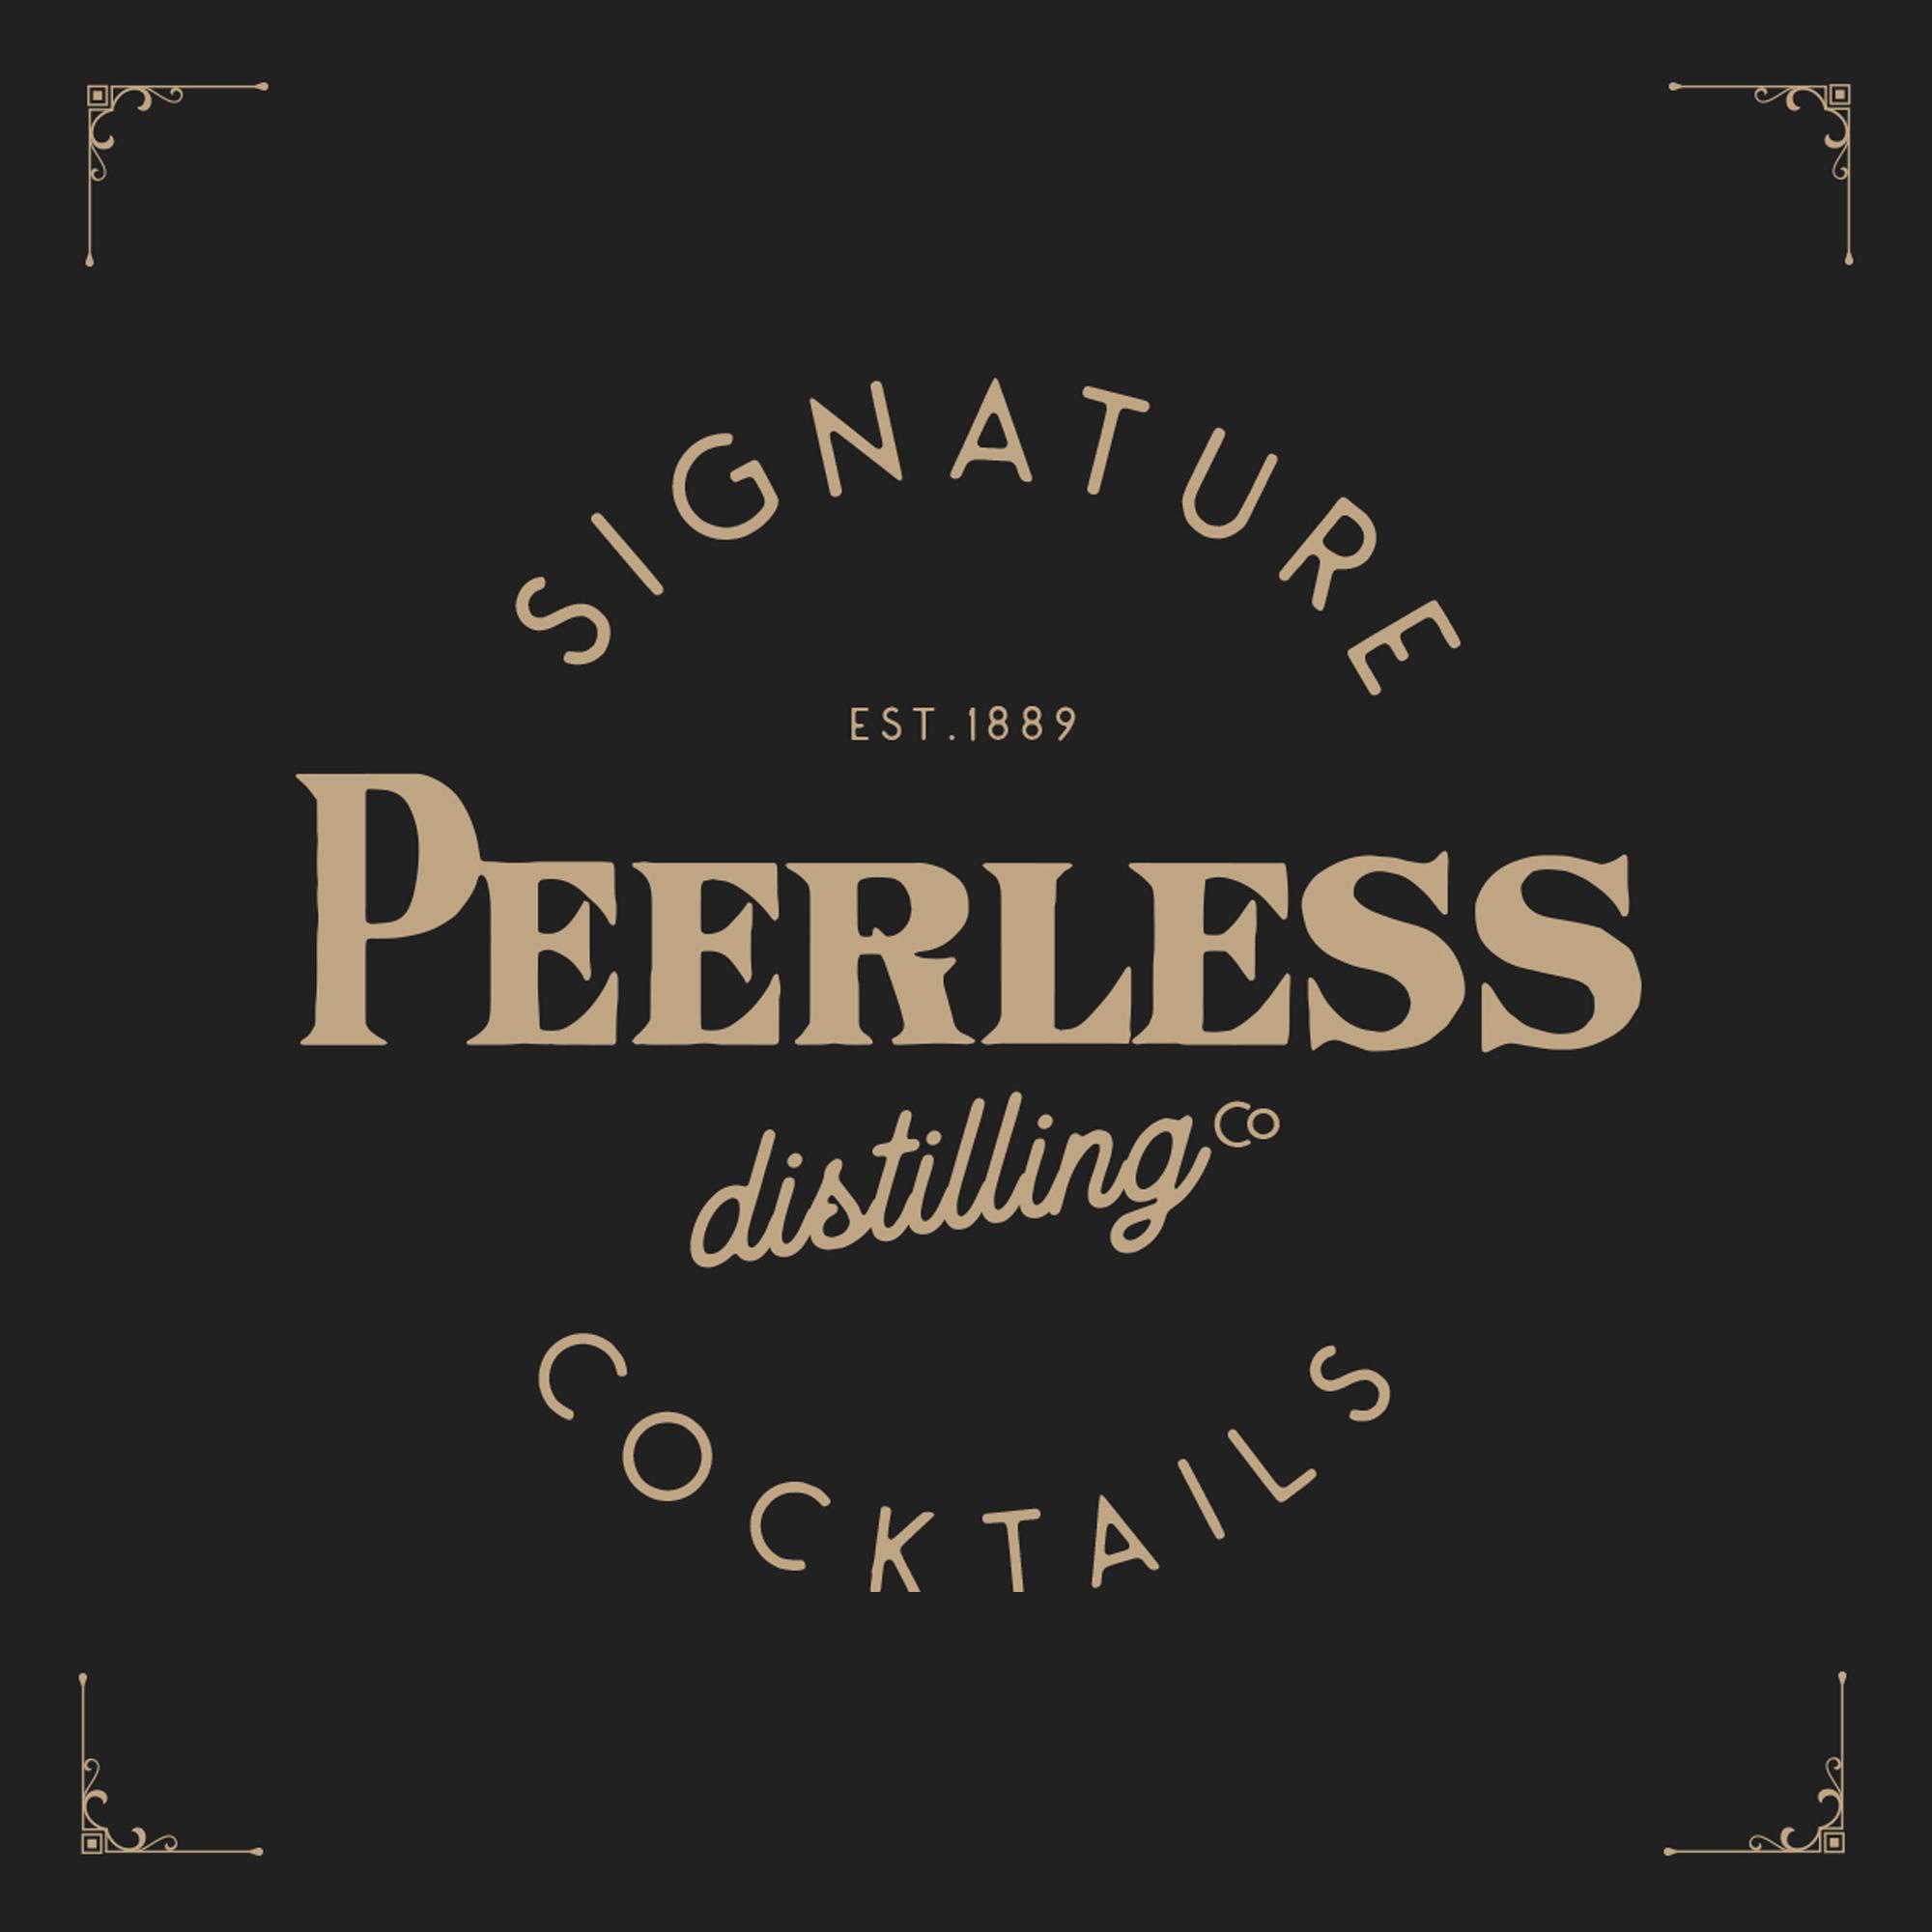 peerless cocktails